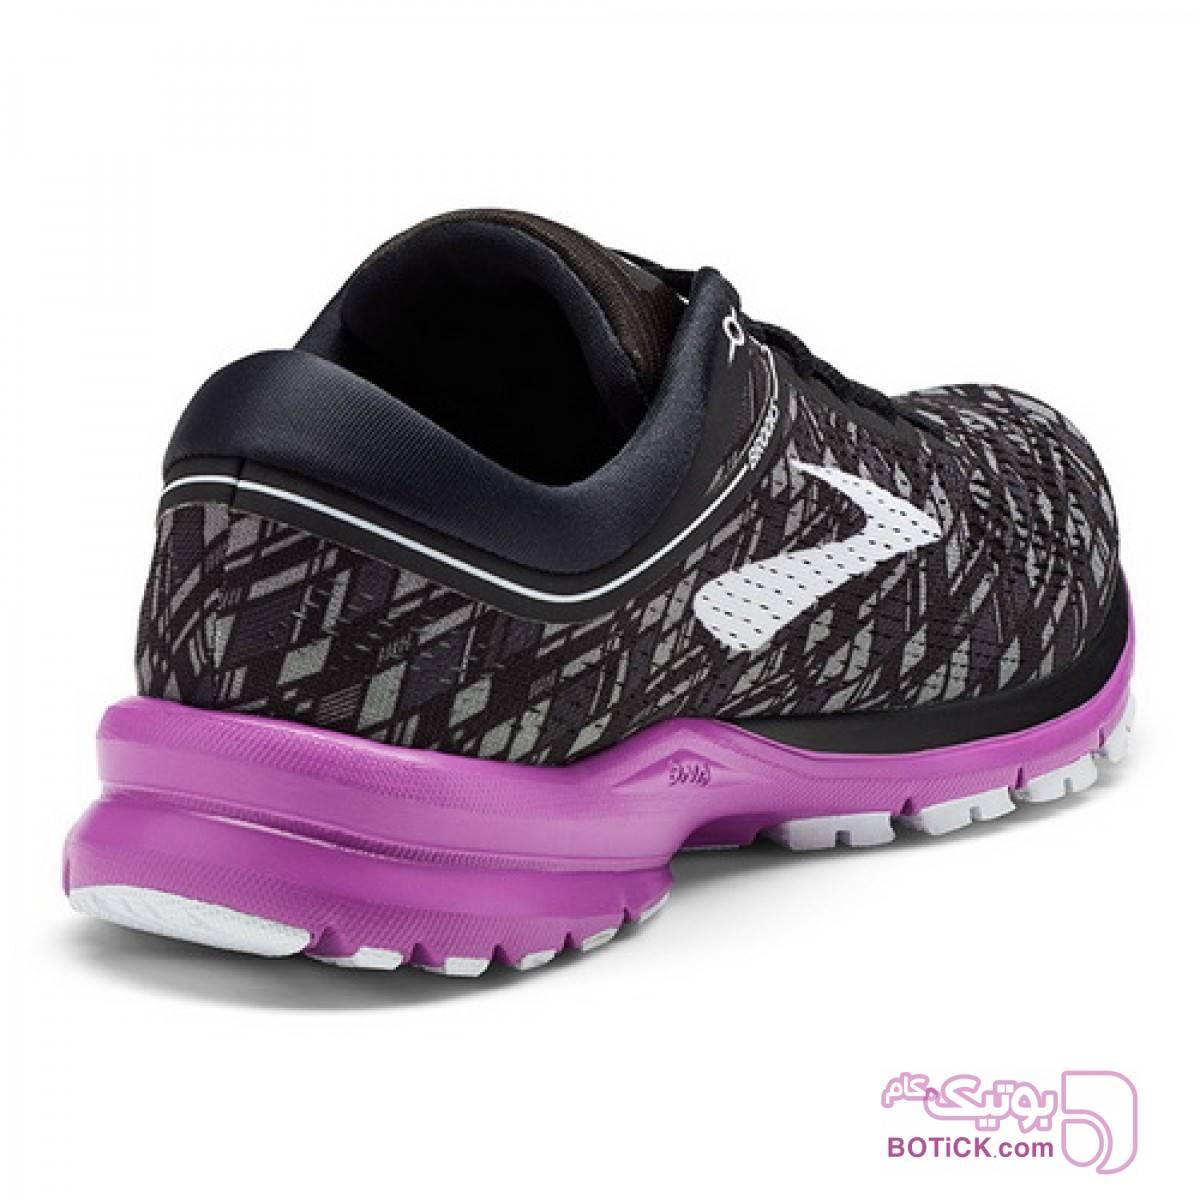 کفش و کتونی اسپرت زنانه بروکس مدل brooks 1202661b090 مشکی كتانی زنانه